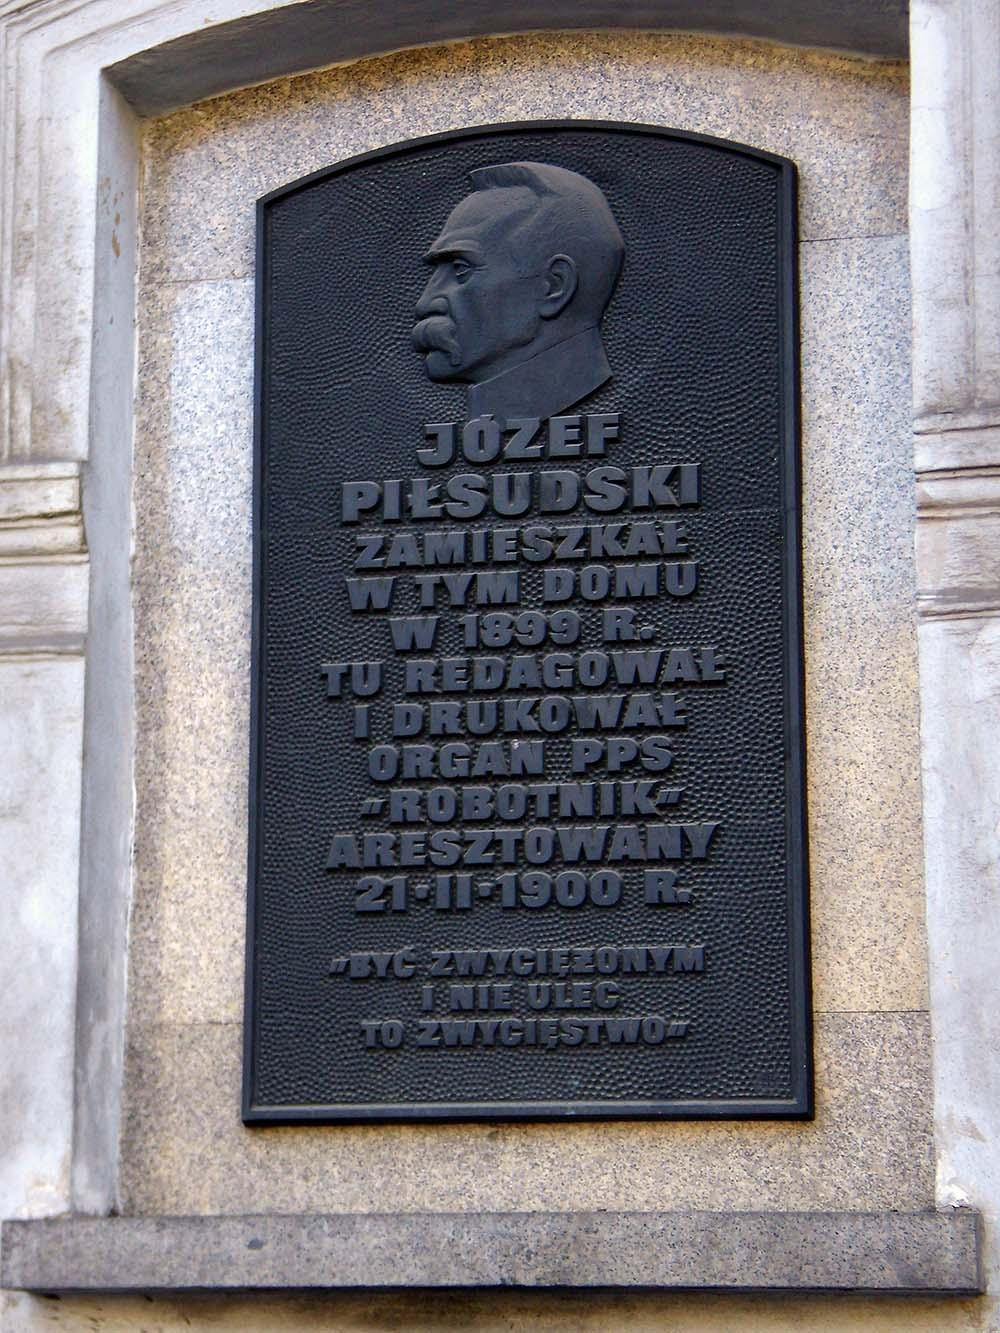 Voormalige Woning Jozef Pilsudski